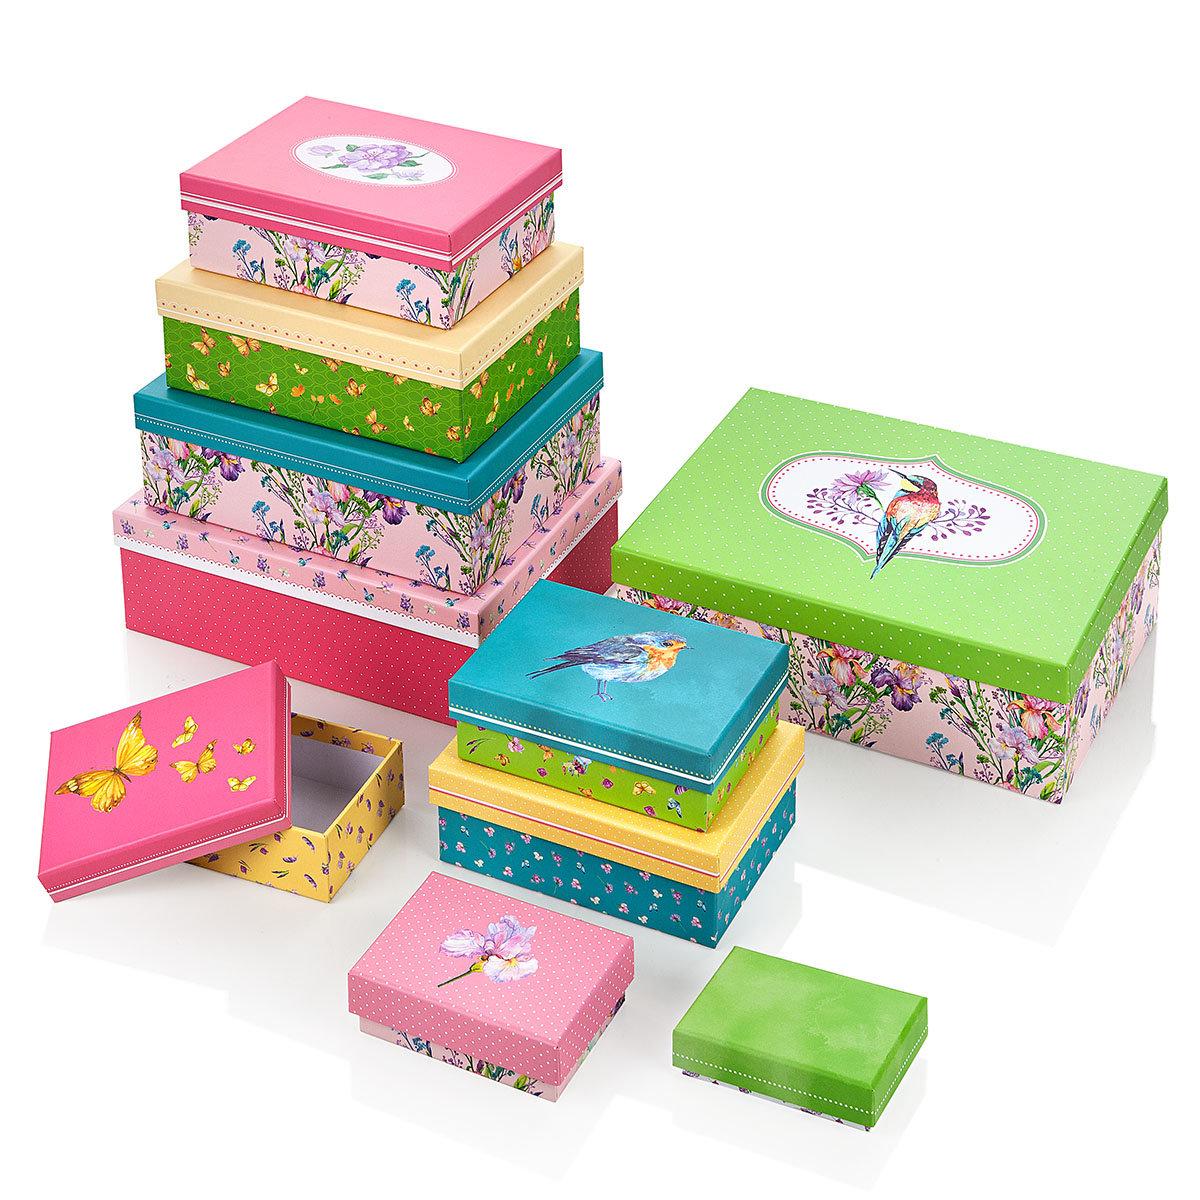 Geschenkeboxen Set, kunterbunt, 10-teilig | #4